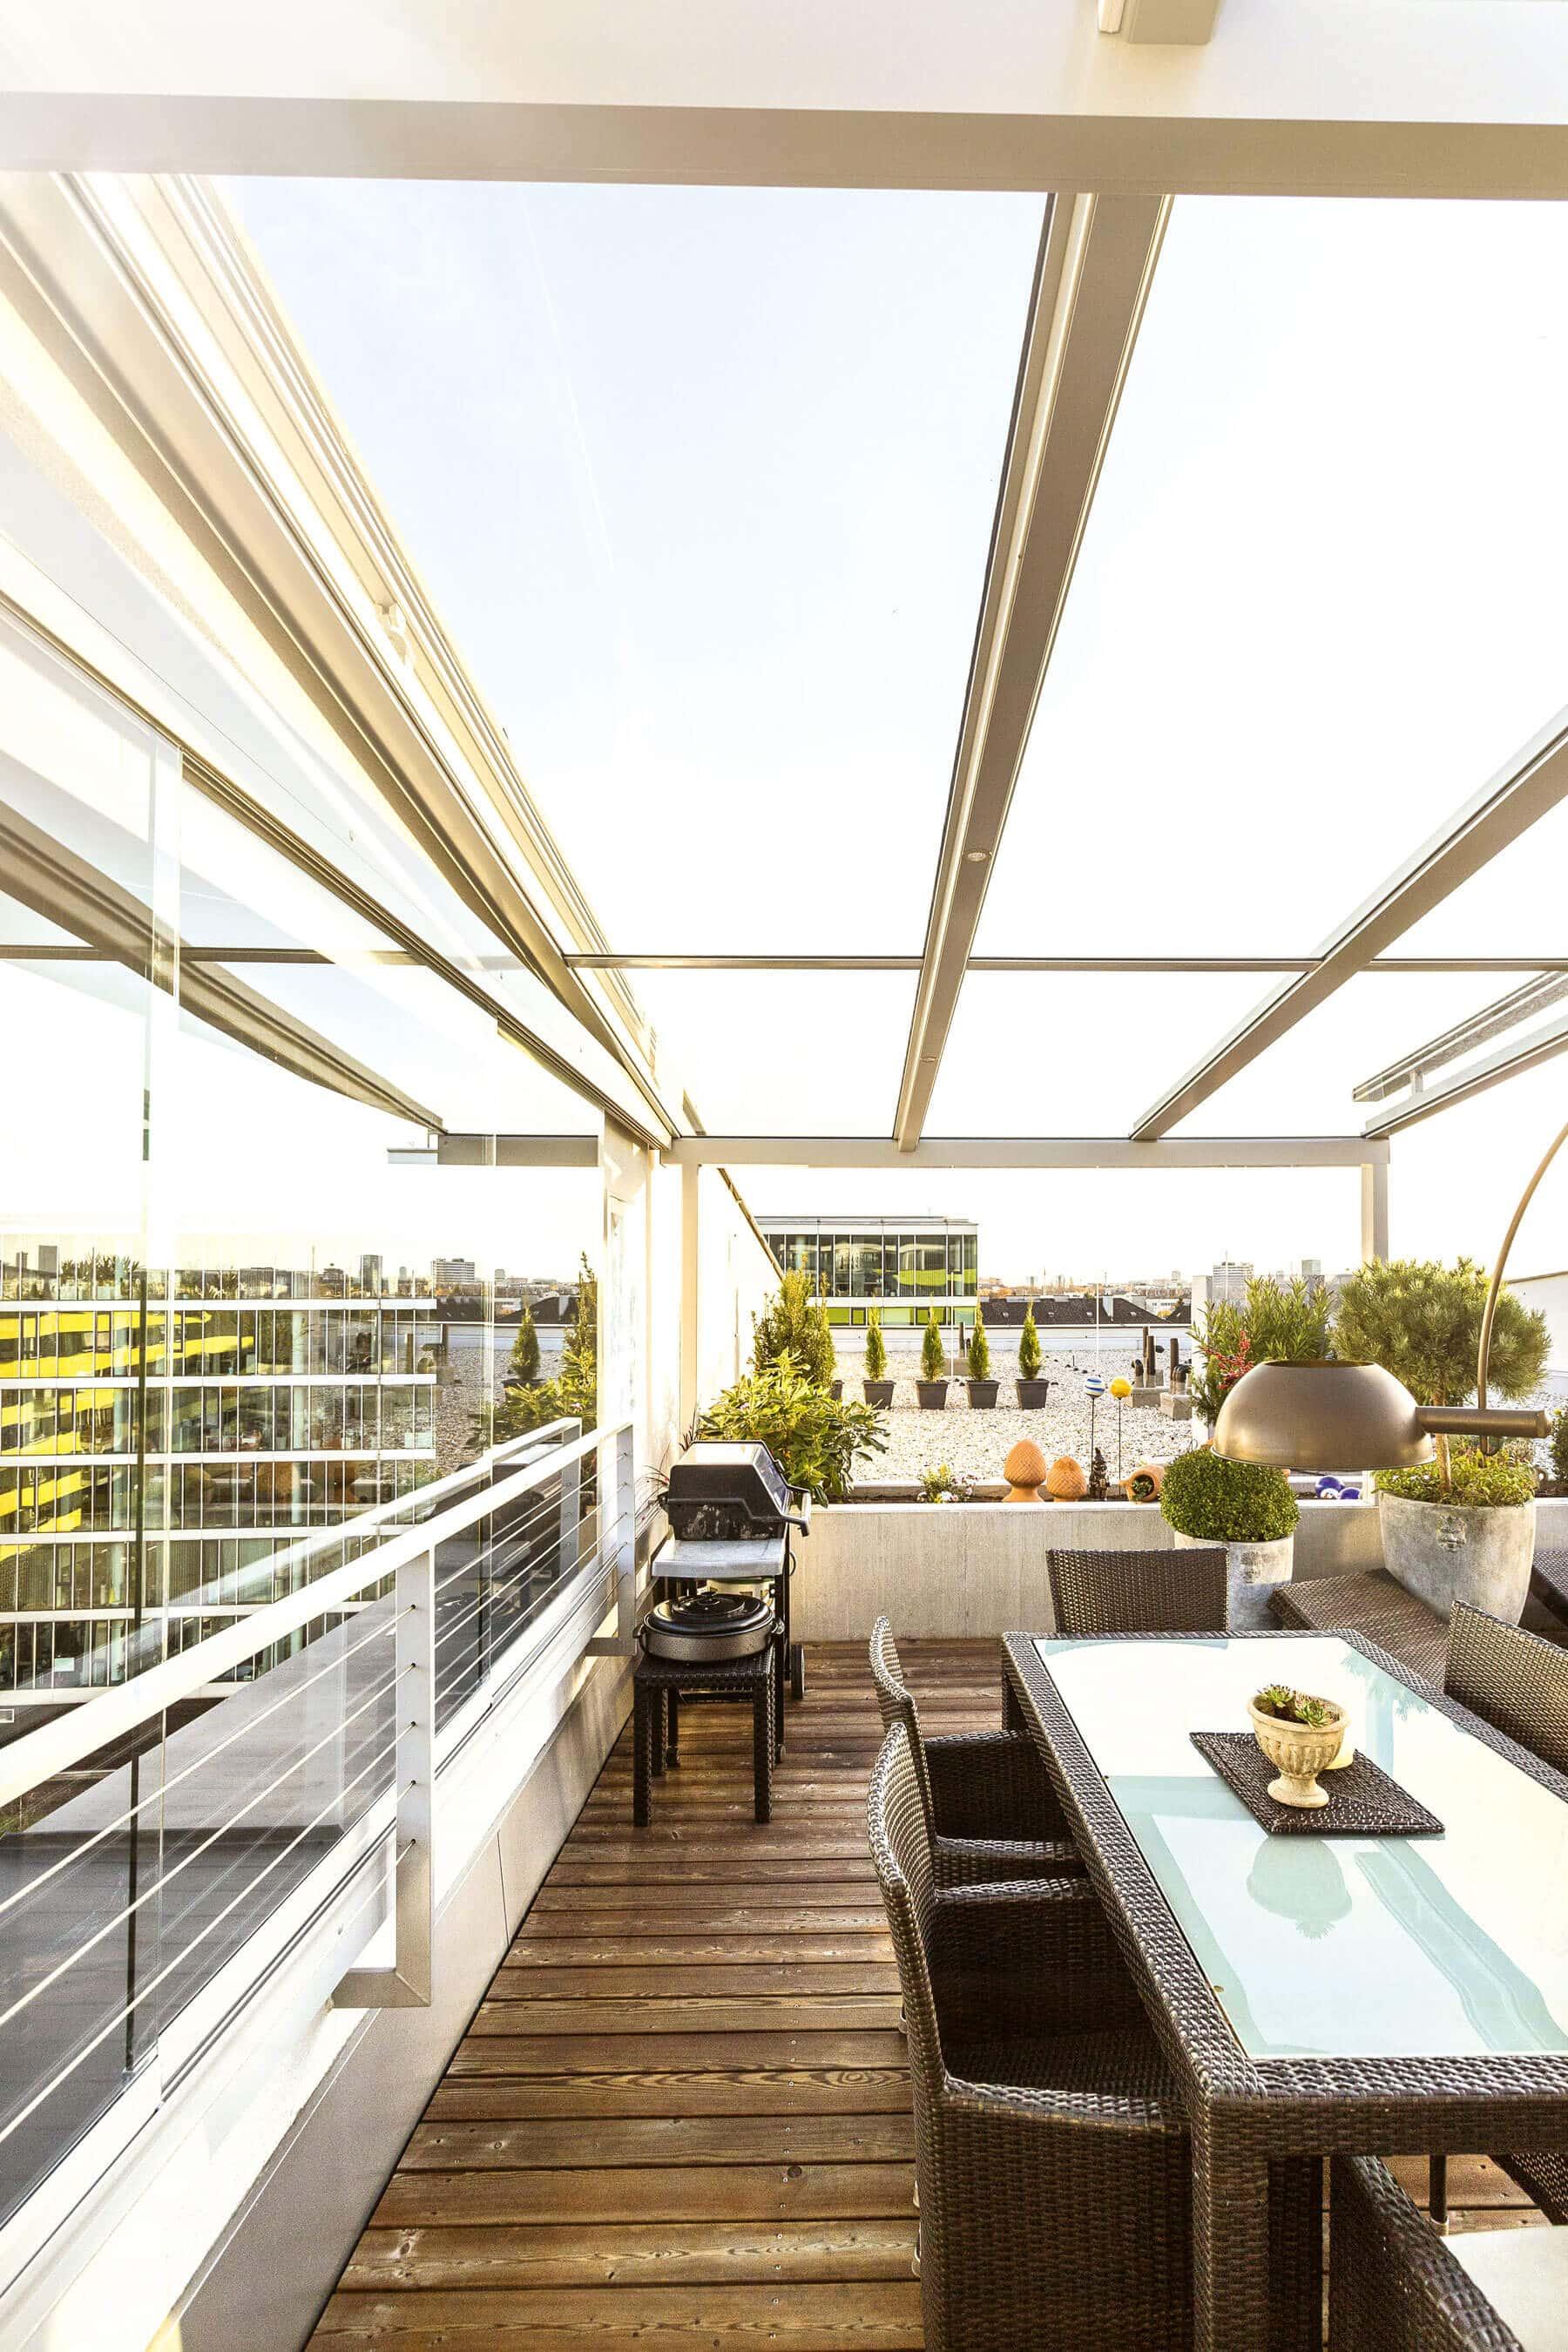 Dachterrasse mit Überdachung